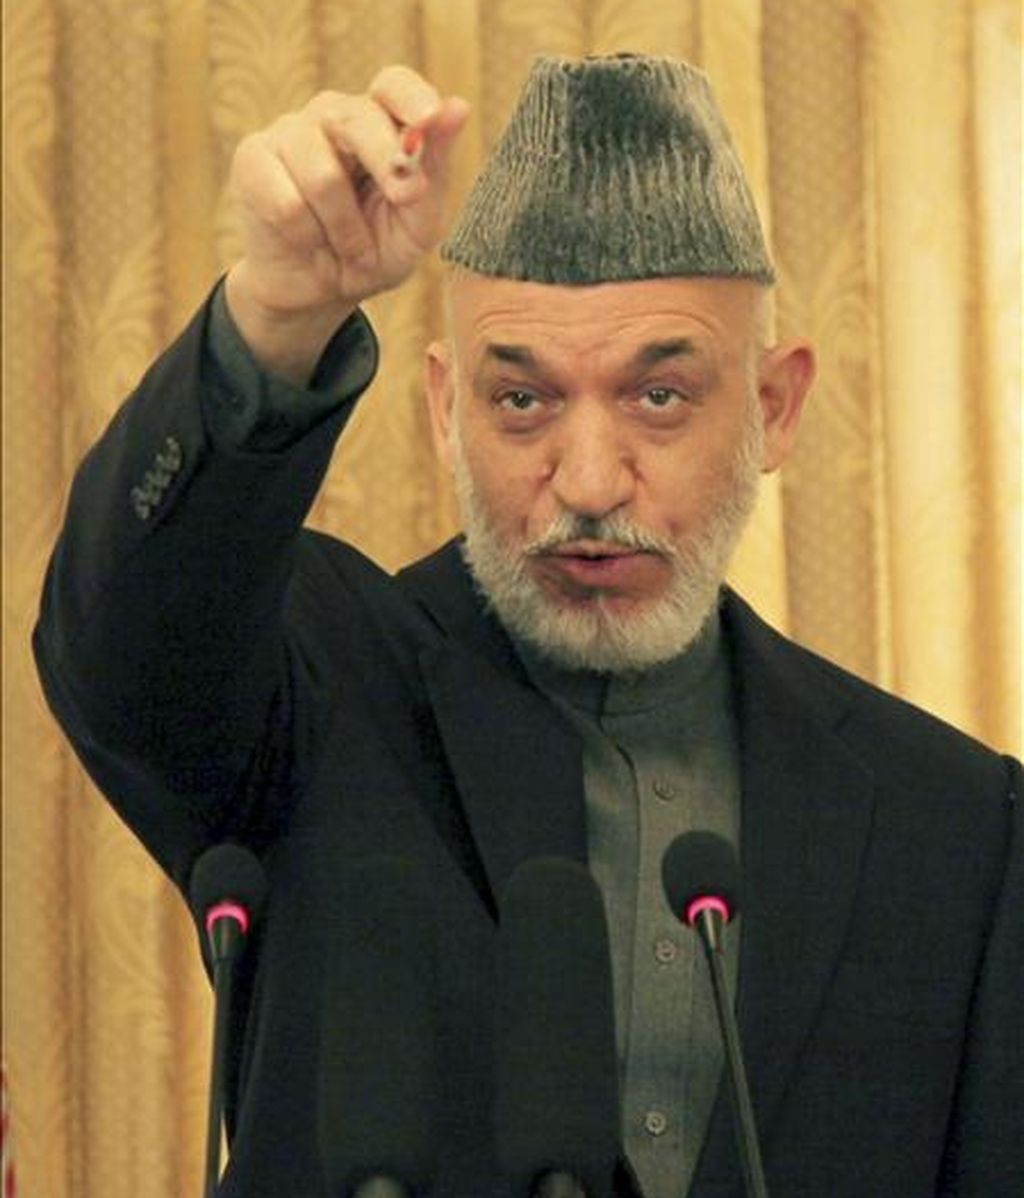 El presidente afgano Hamid Karzai. EFE/Archivo